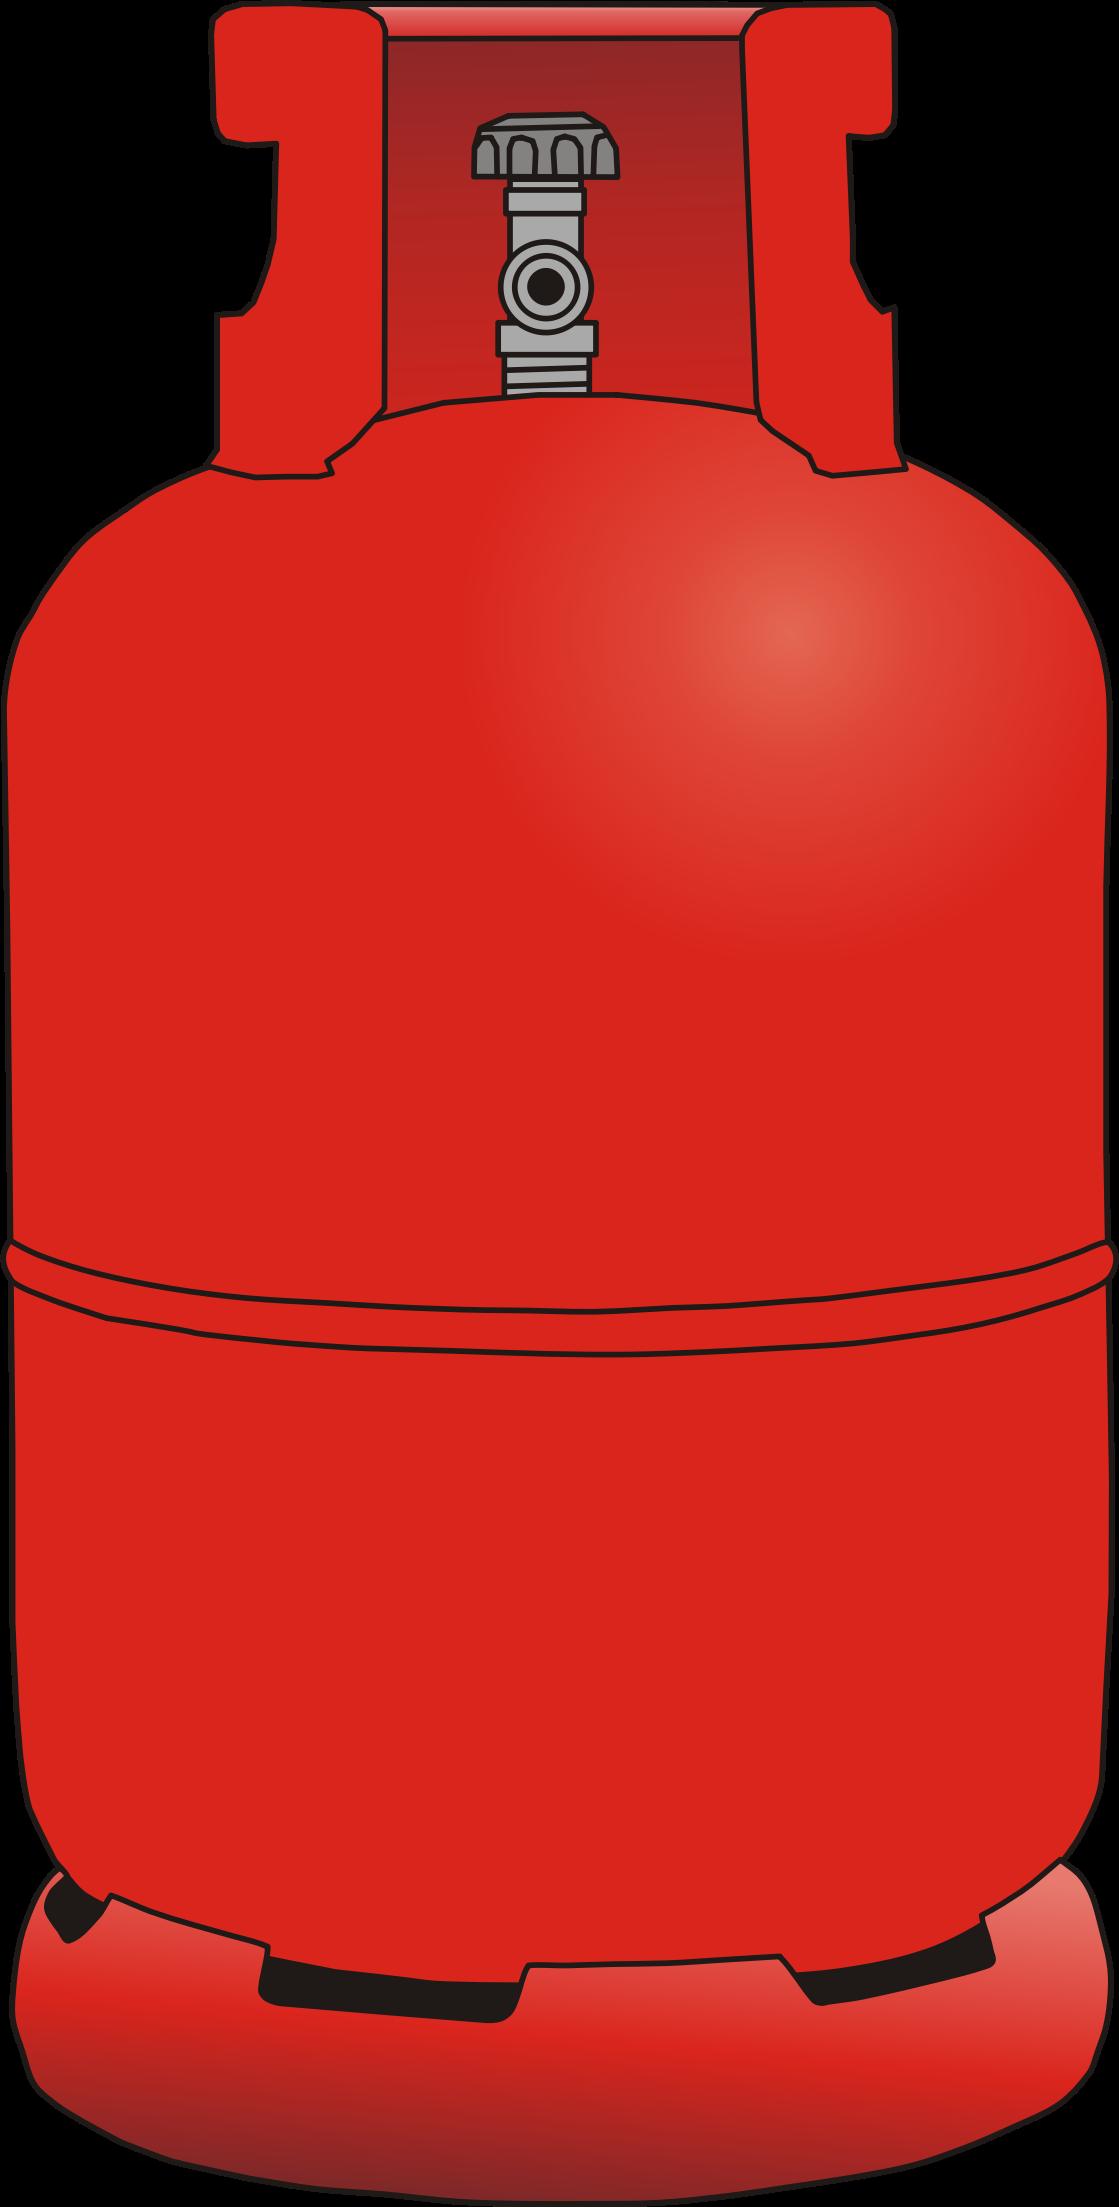 Gas bottle clipart.